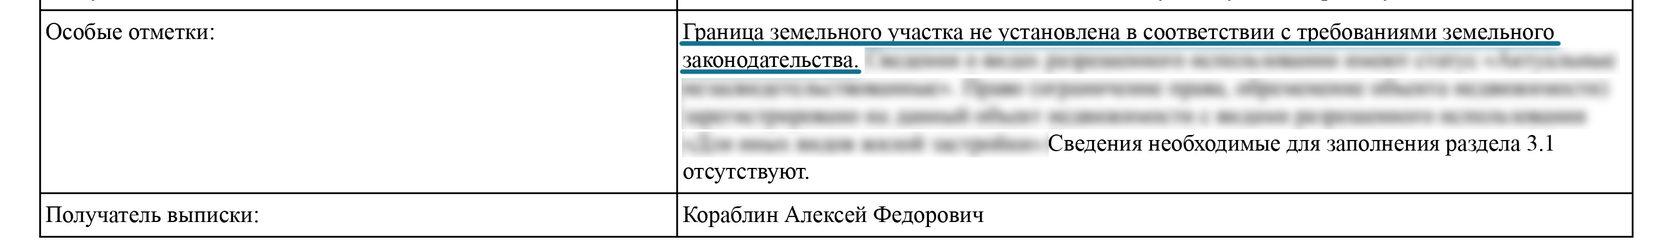 Заявление по уголовному делу